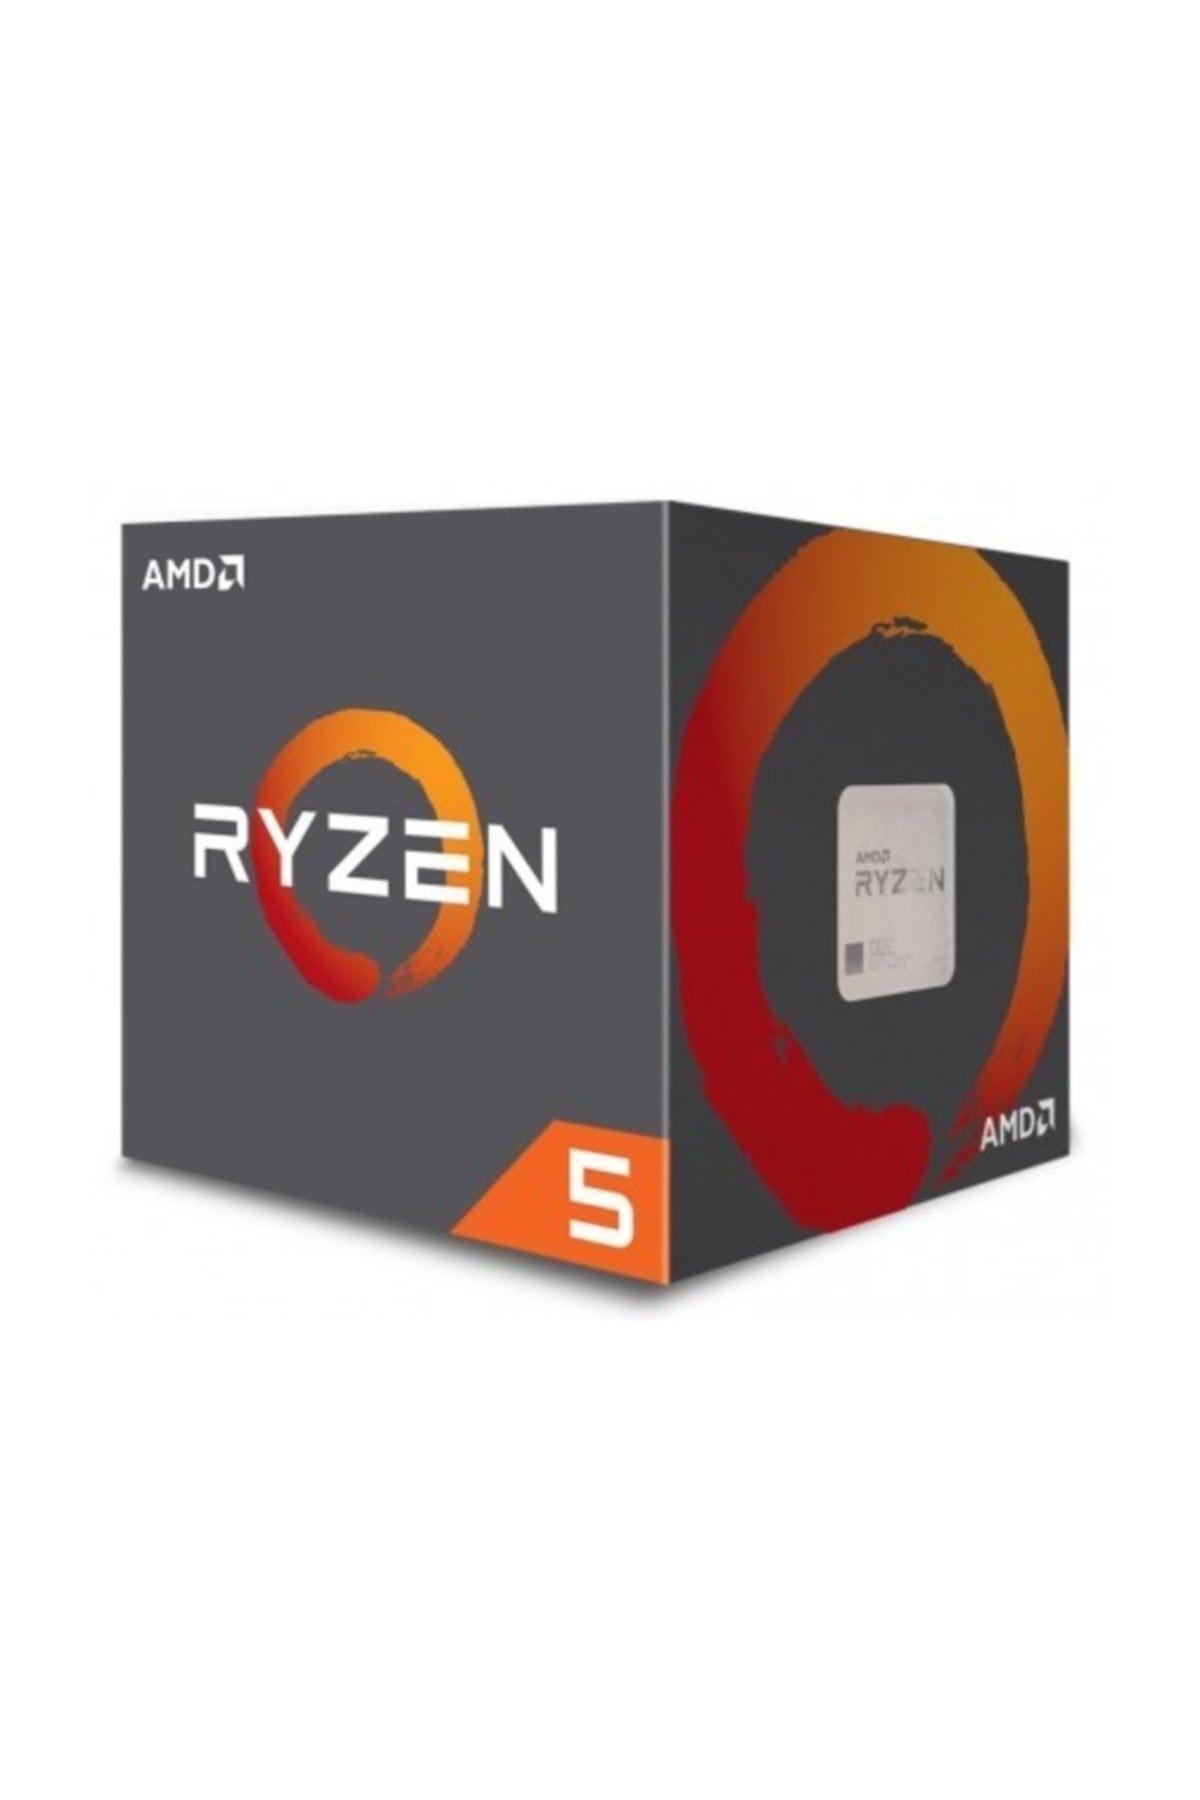 Amd Ryzen 5 2600X 4,25GHz 19MB Cache Soket AM4 İşlemci 1